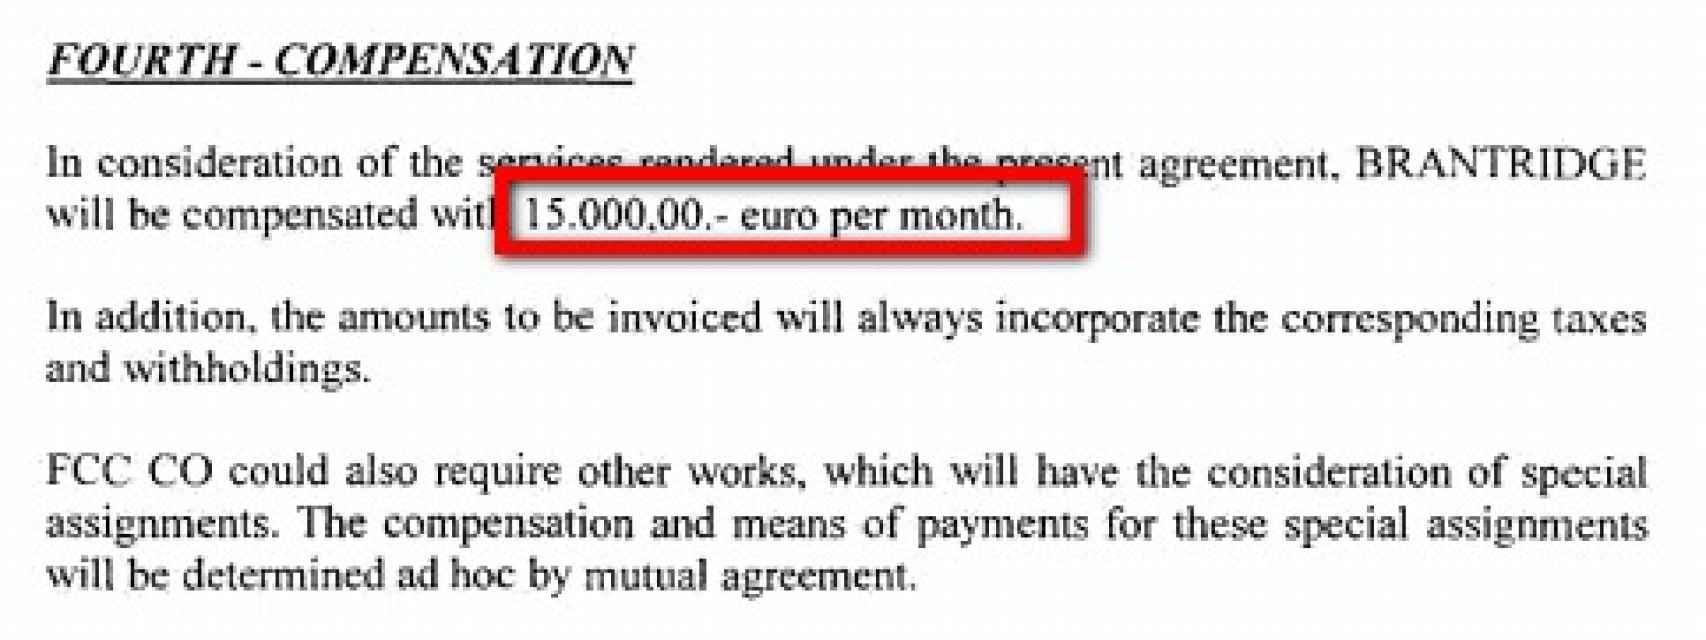 El contrato entre FCC y la empresa de los Pujol establece pagos mensuales de 15.0000 euros.